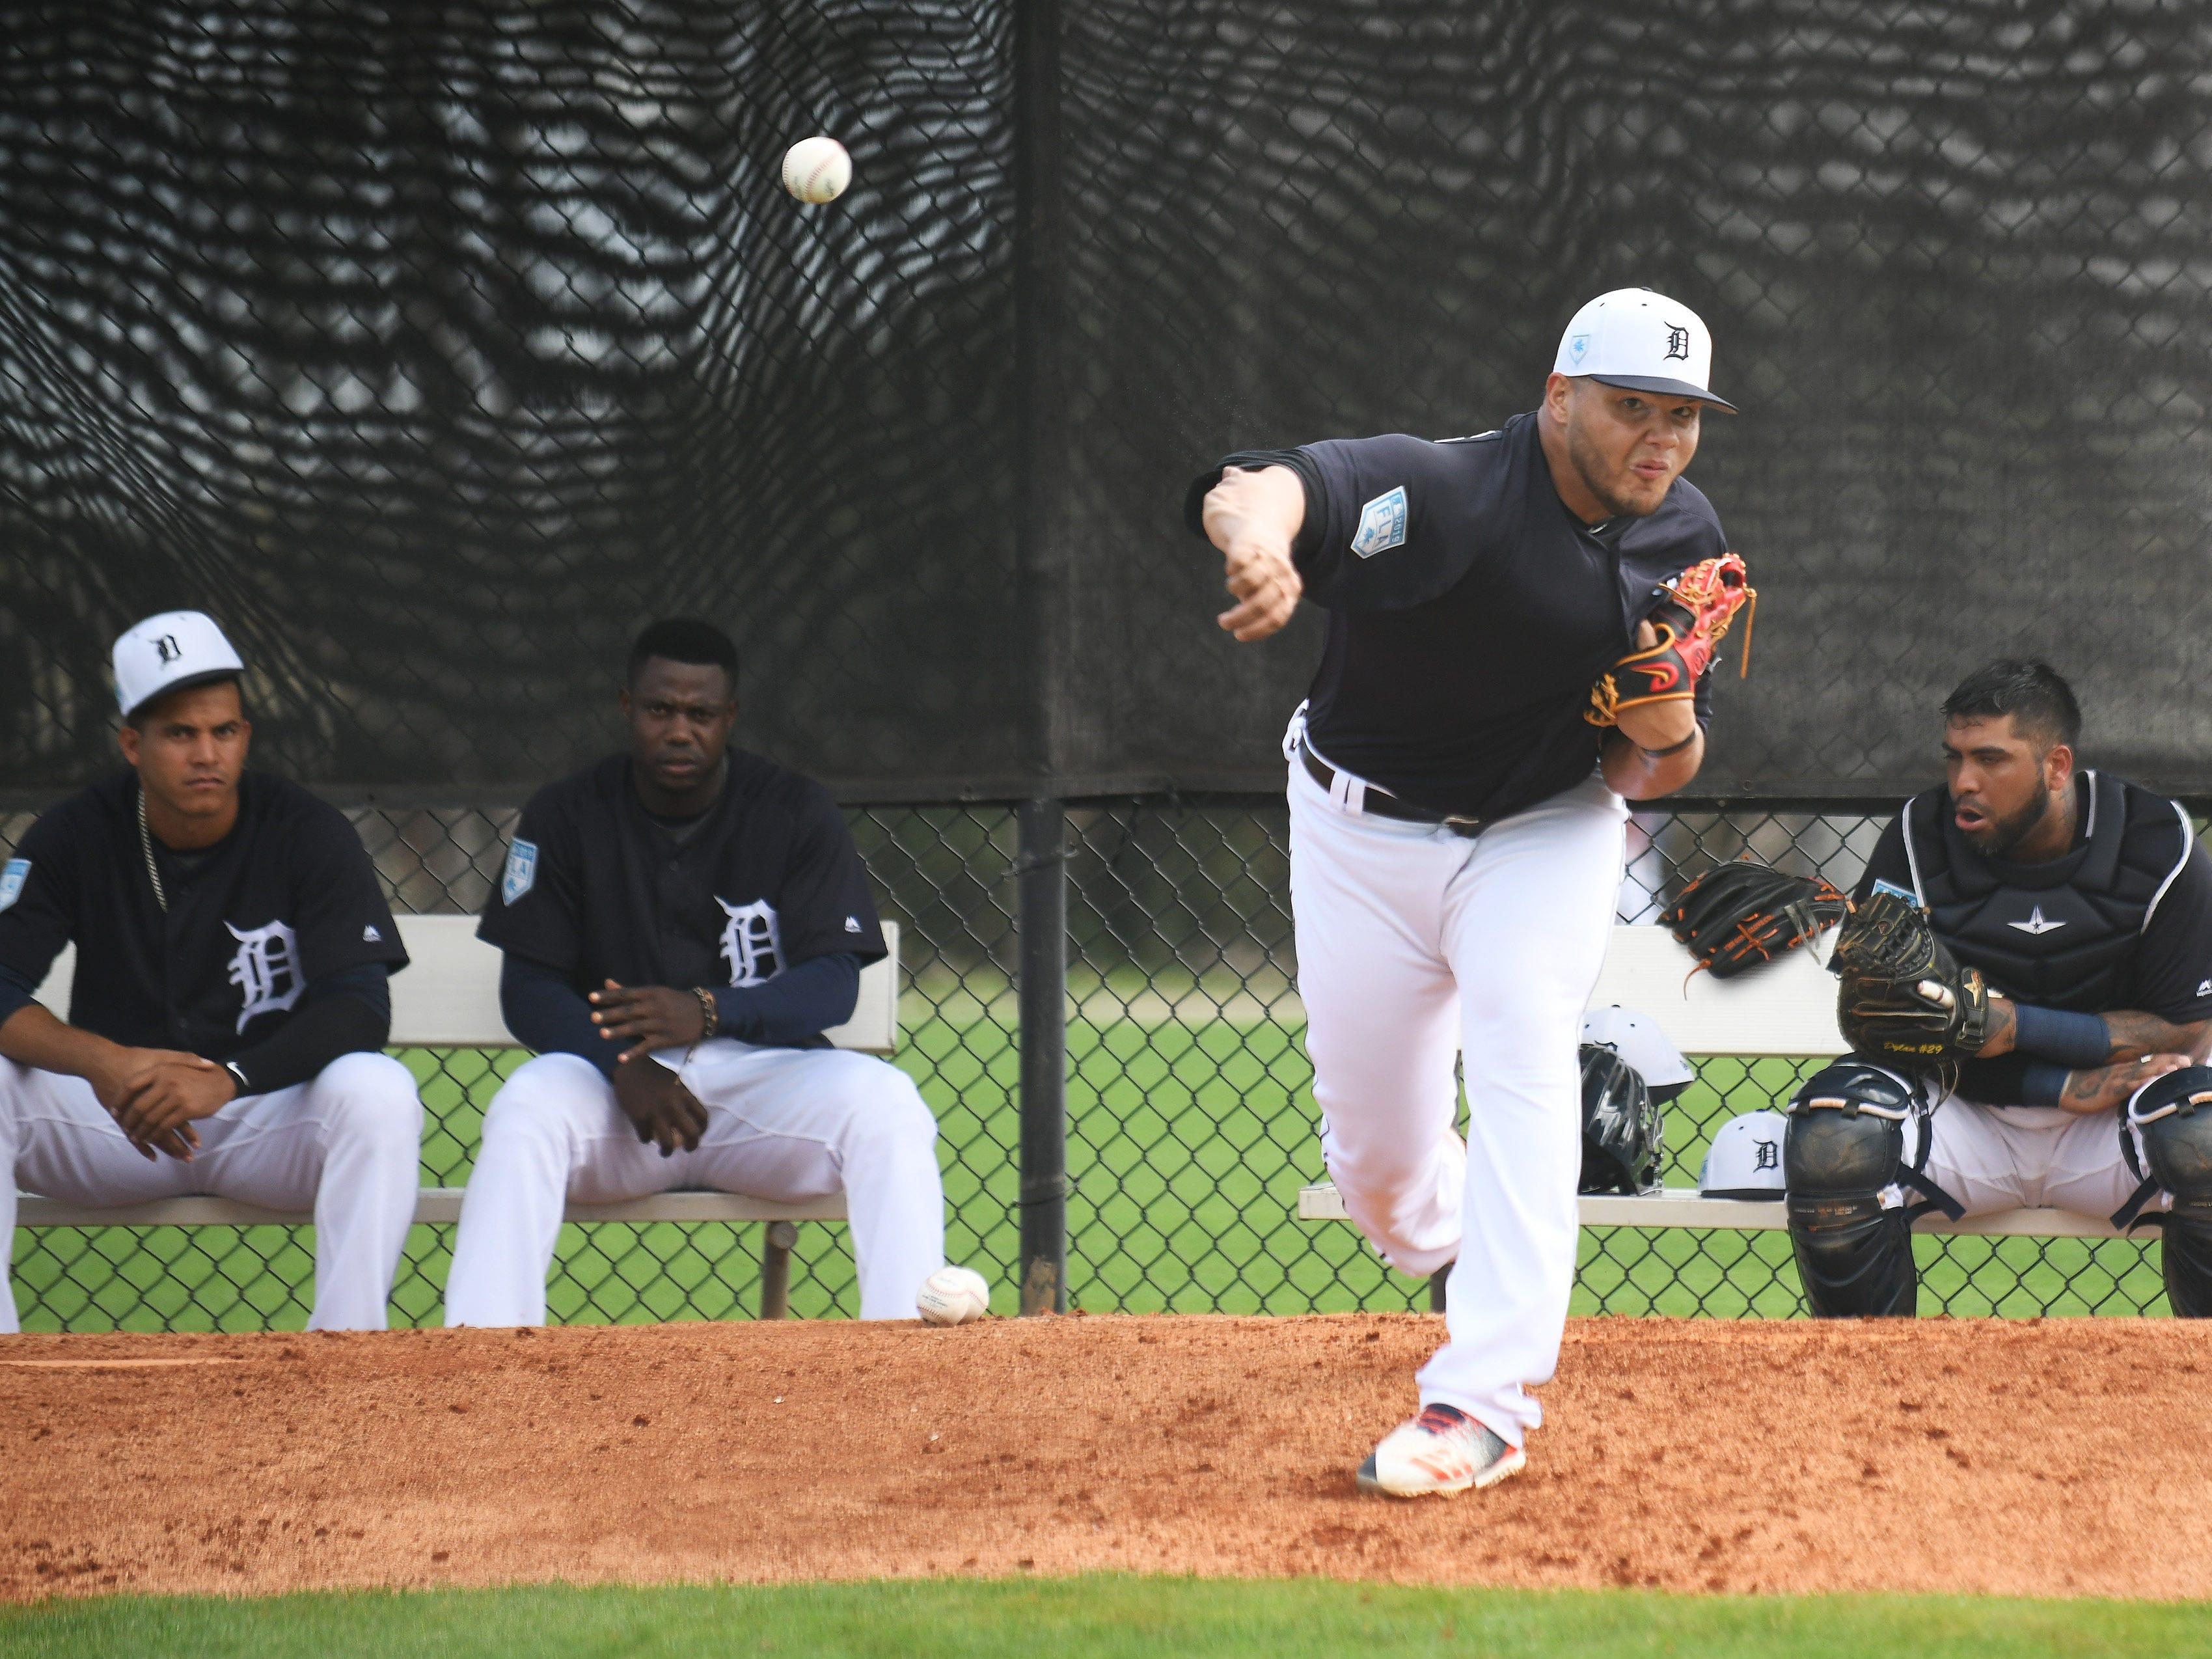 Tigers pitcher Joe Jimenez works in the bullpen.